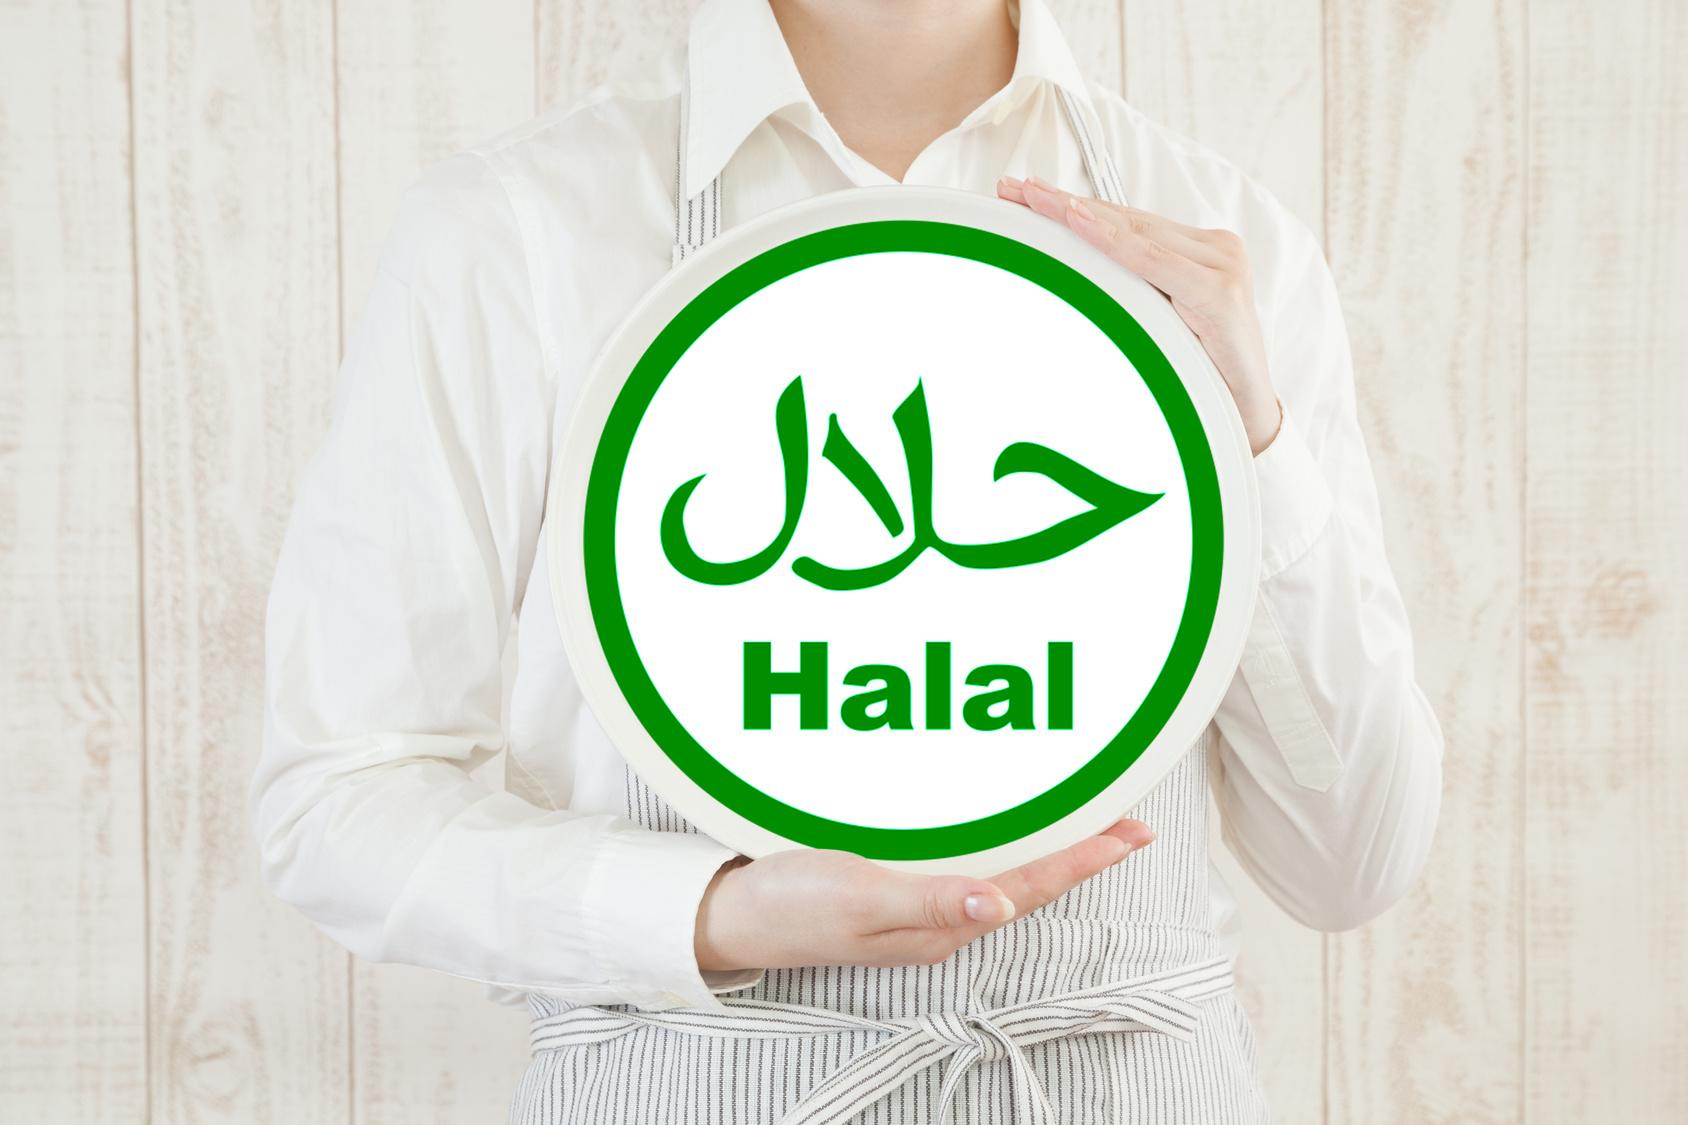 halal-halal